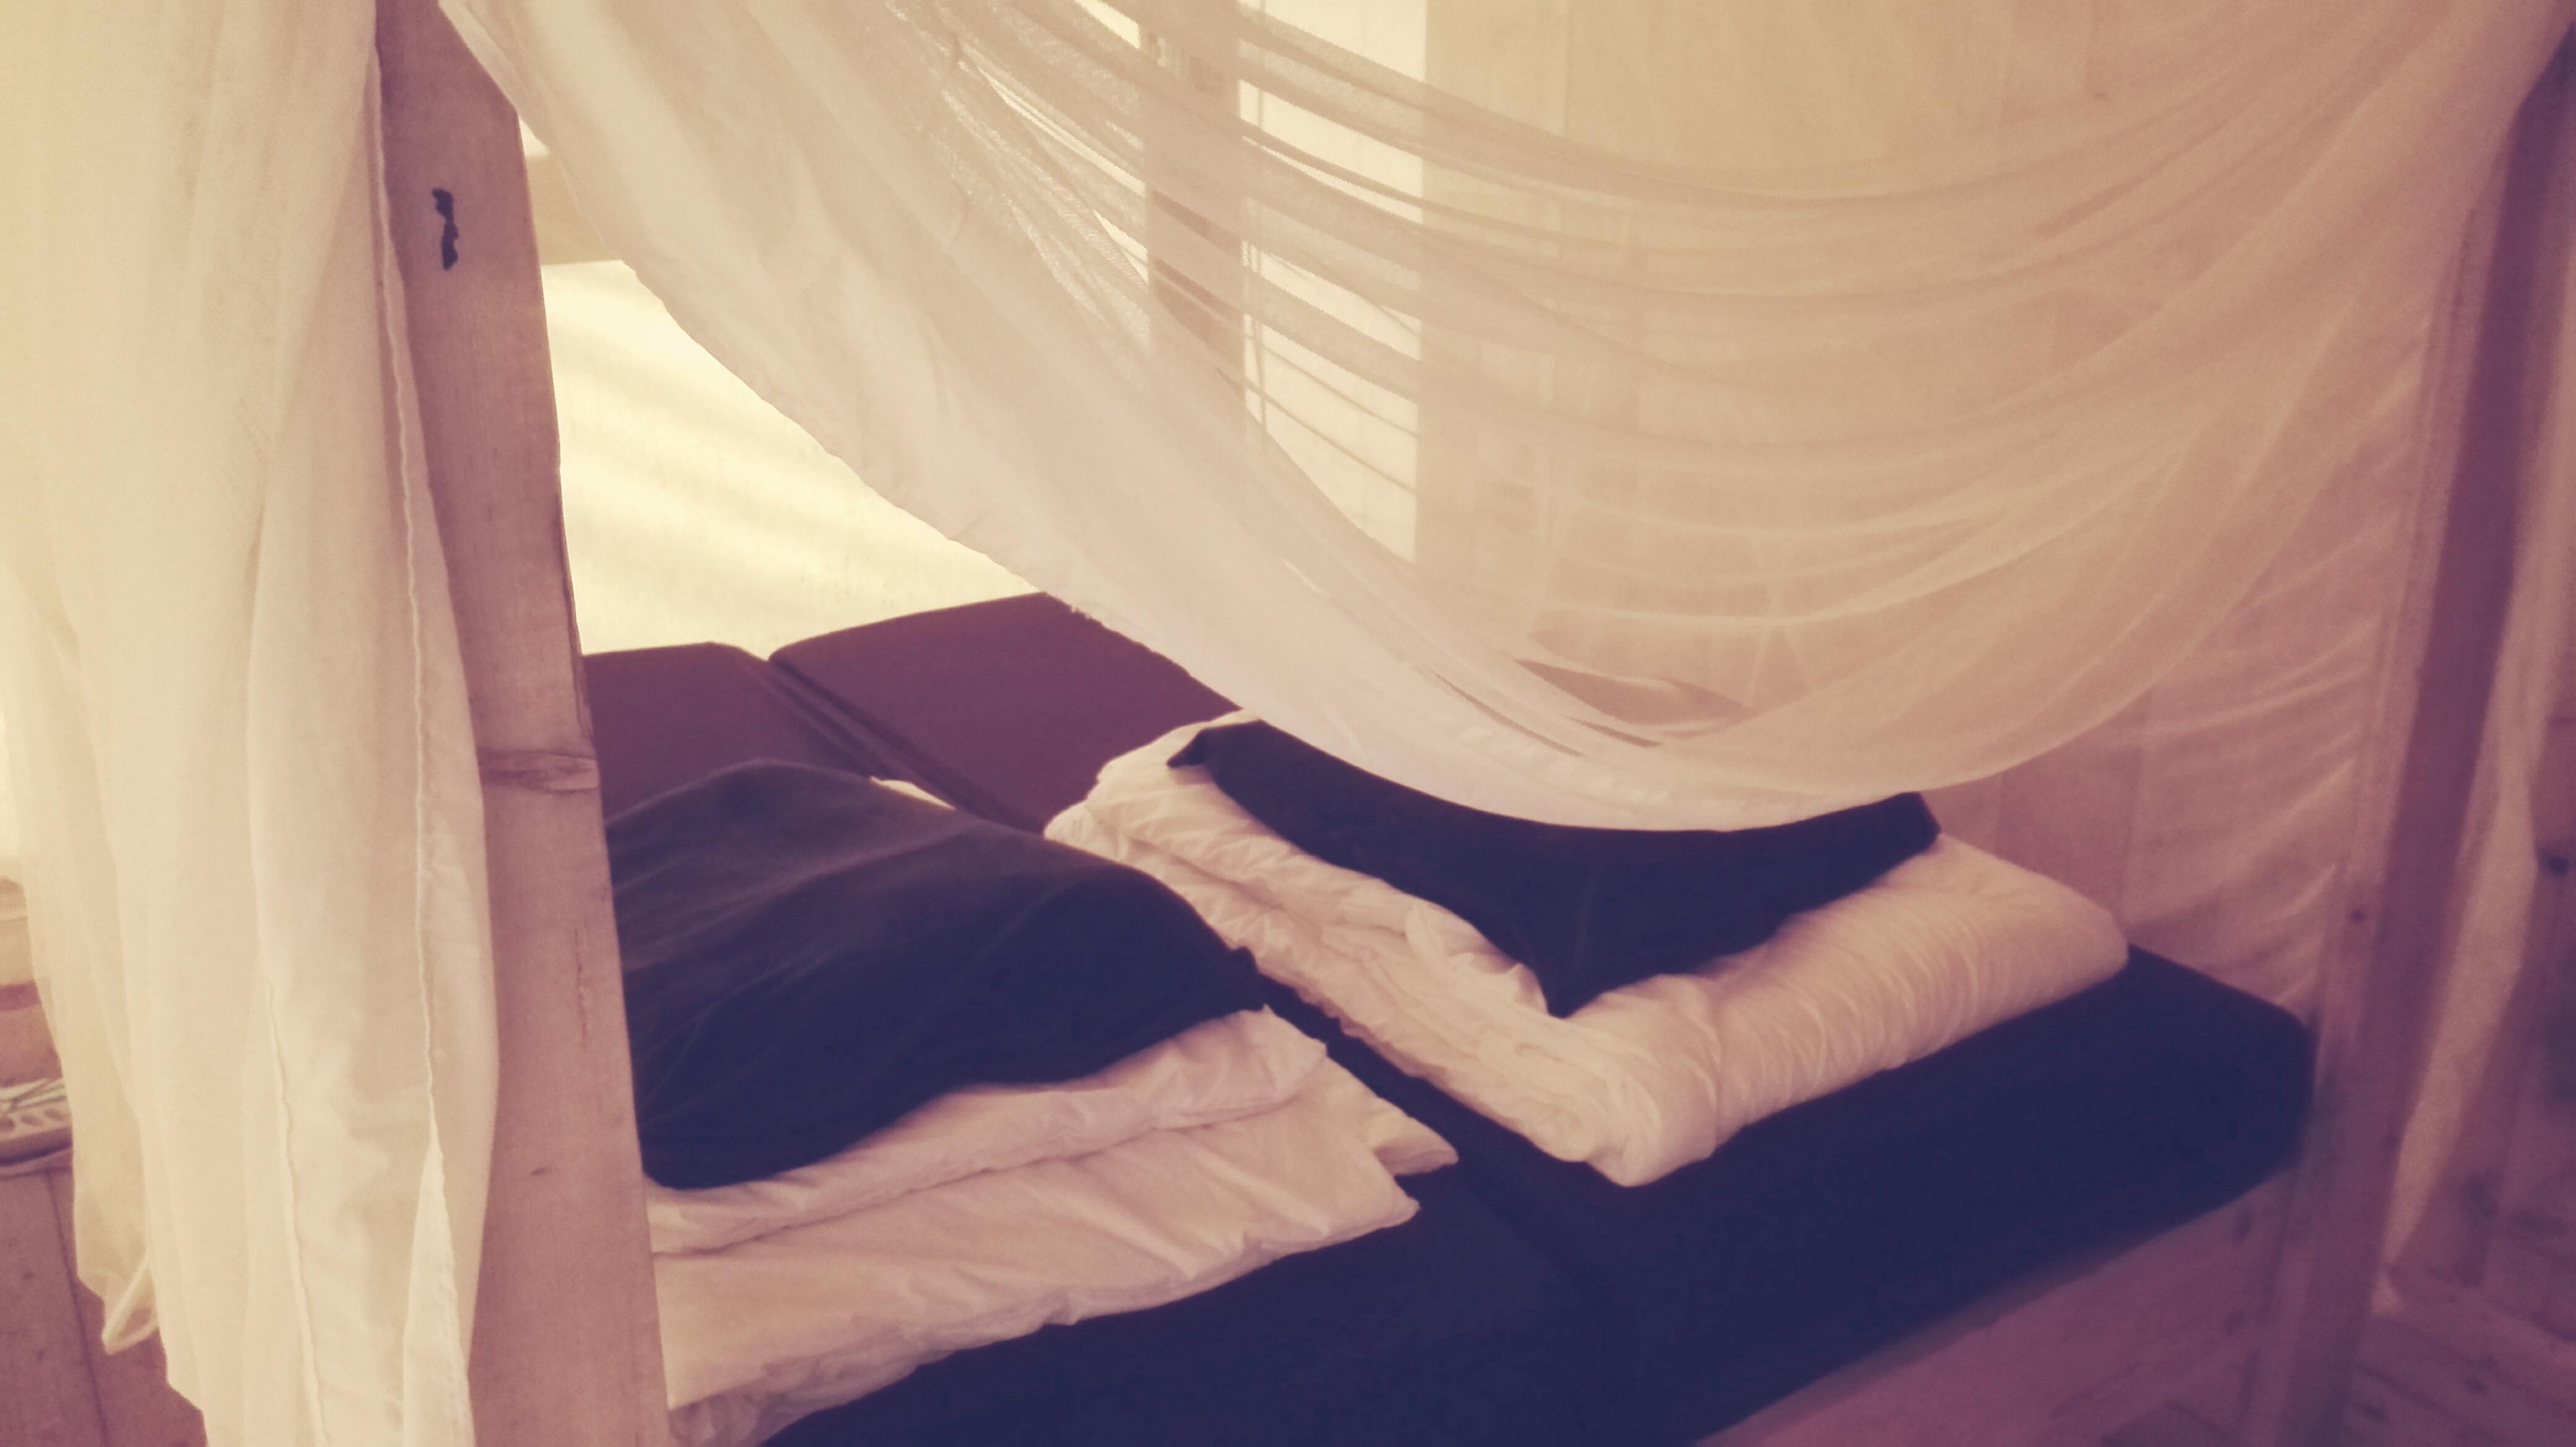 glamping - luxe kamperen - safari tent - woody - sanitair - gezellig - knus - kinderen - vriendjes - vakantie - camping - rcn - vakantiepark - zeewolde - nanny - annelon11